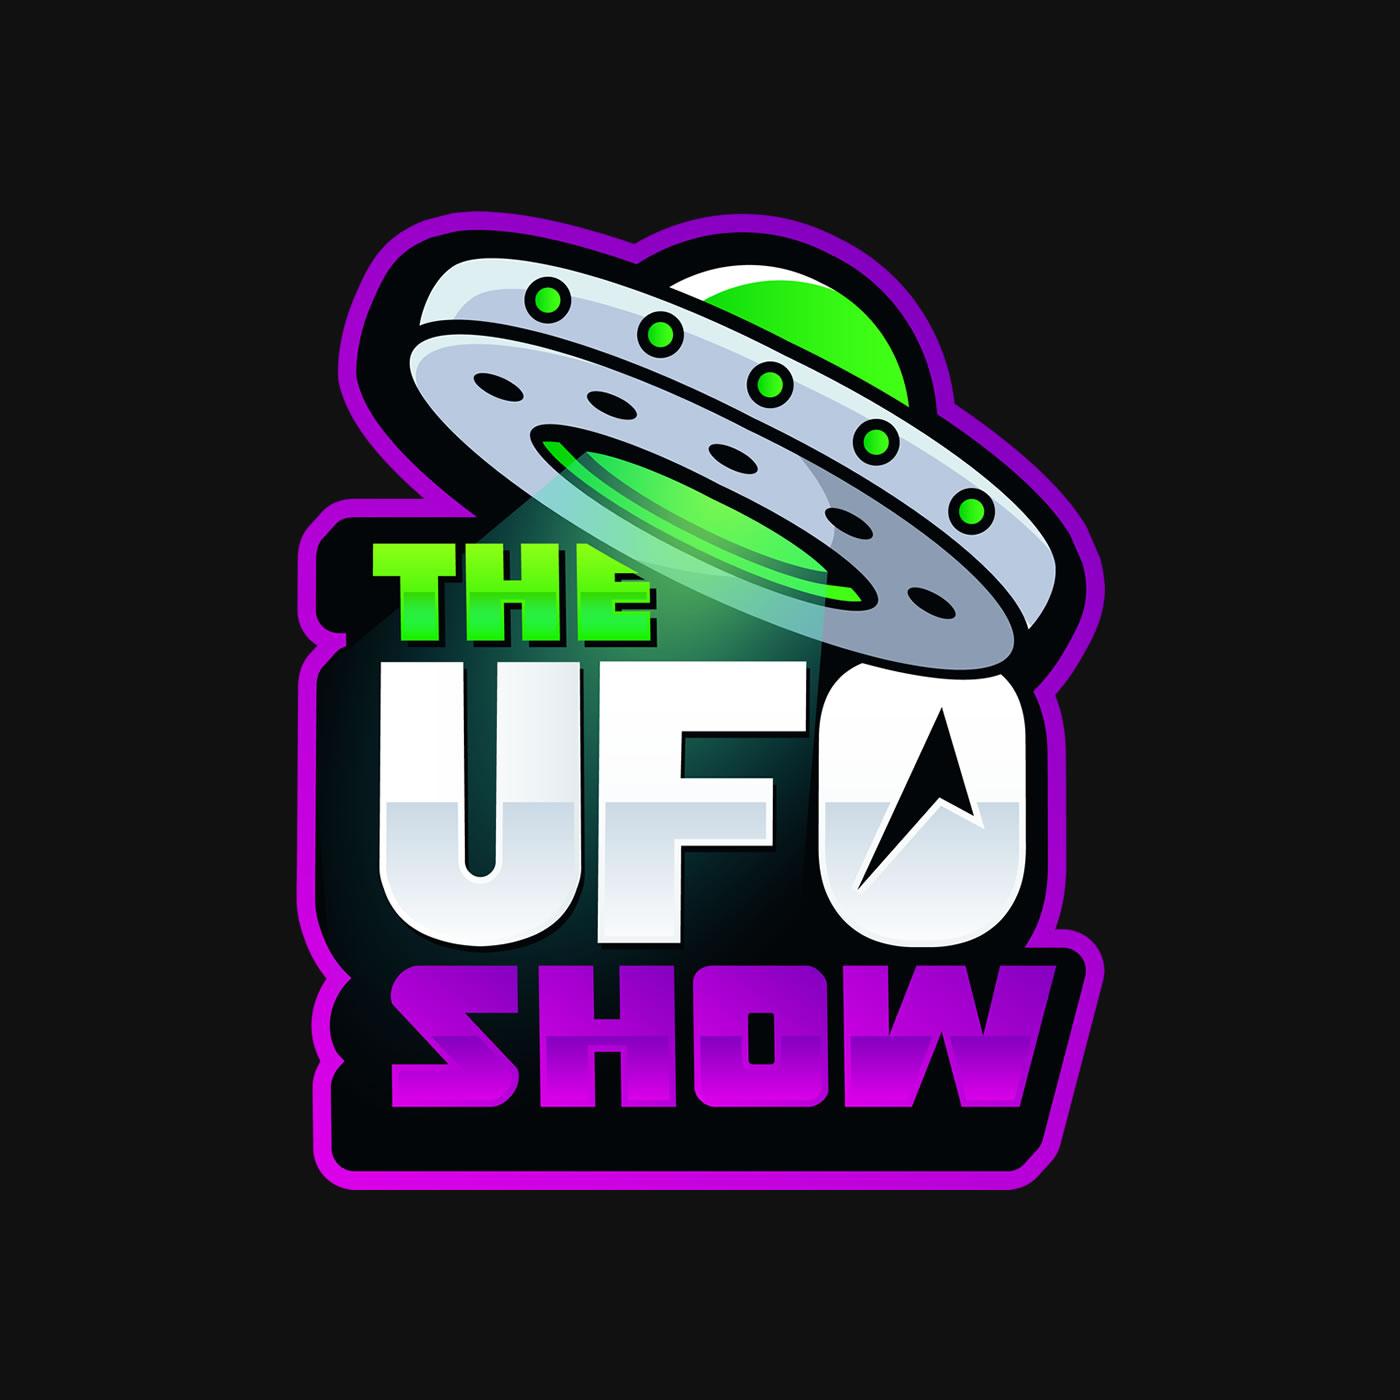 The_UFO_Show_Media_Kit_LOGO_square_2018.jpg